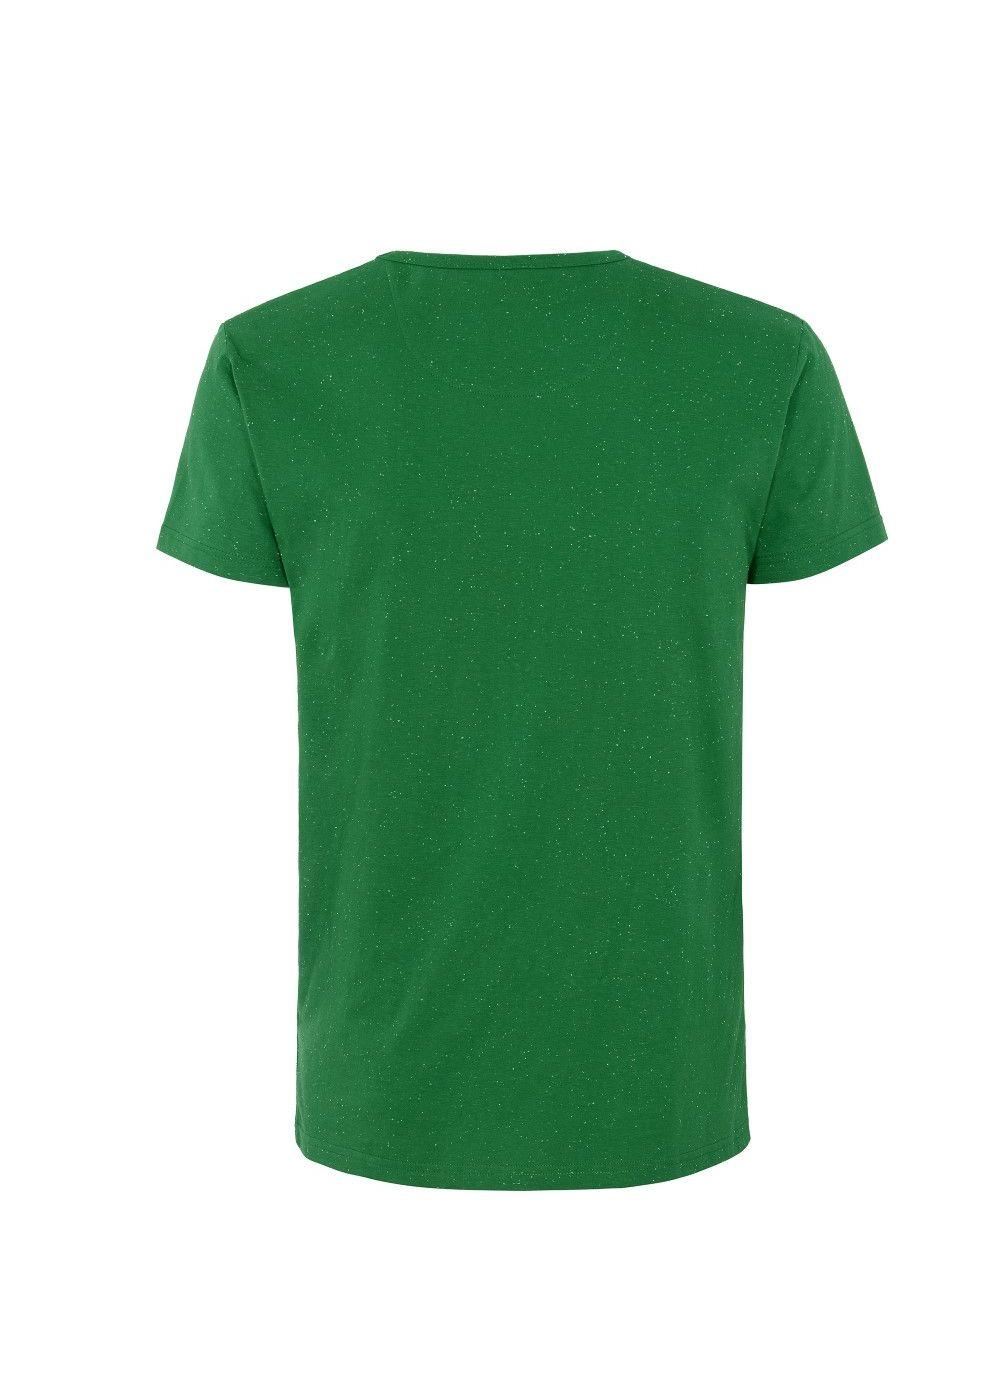 T-shirt męski TSHMT-0003-51(W18)